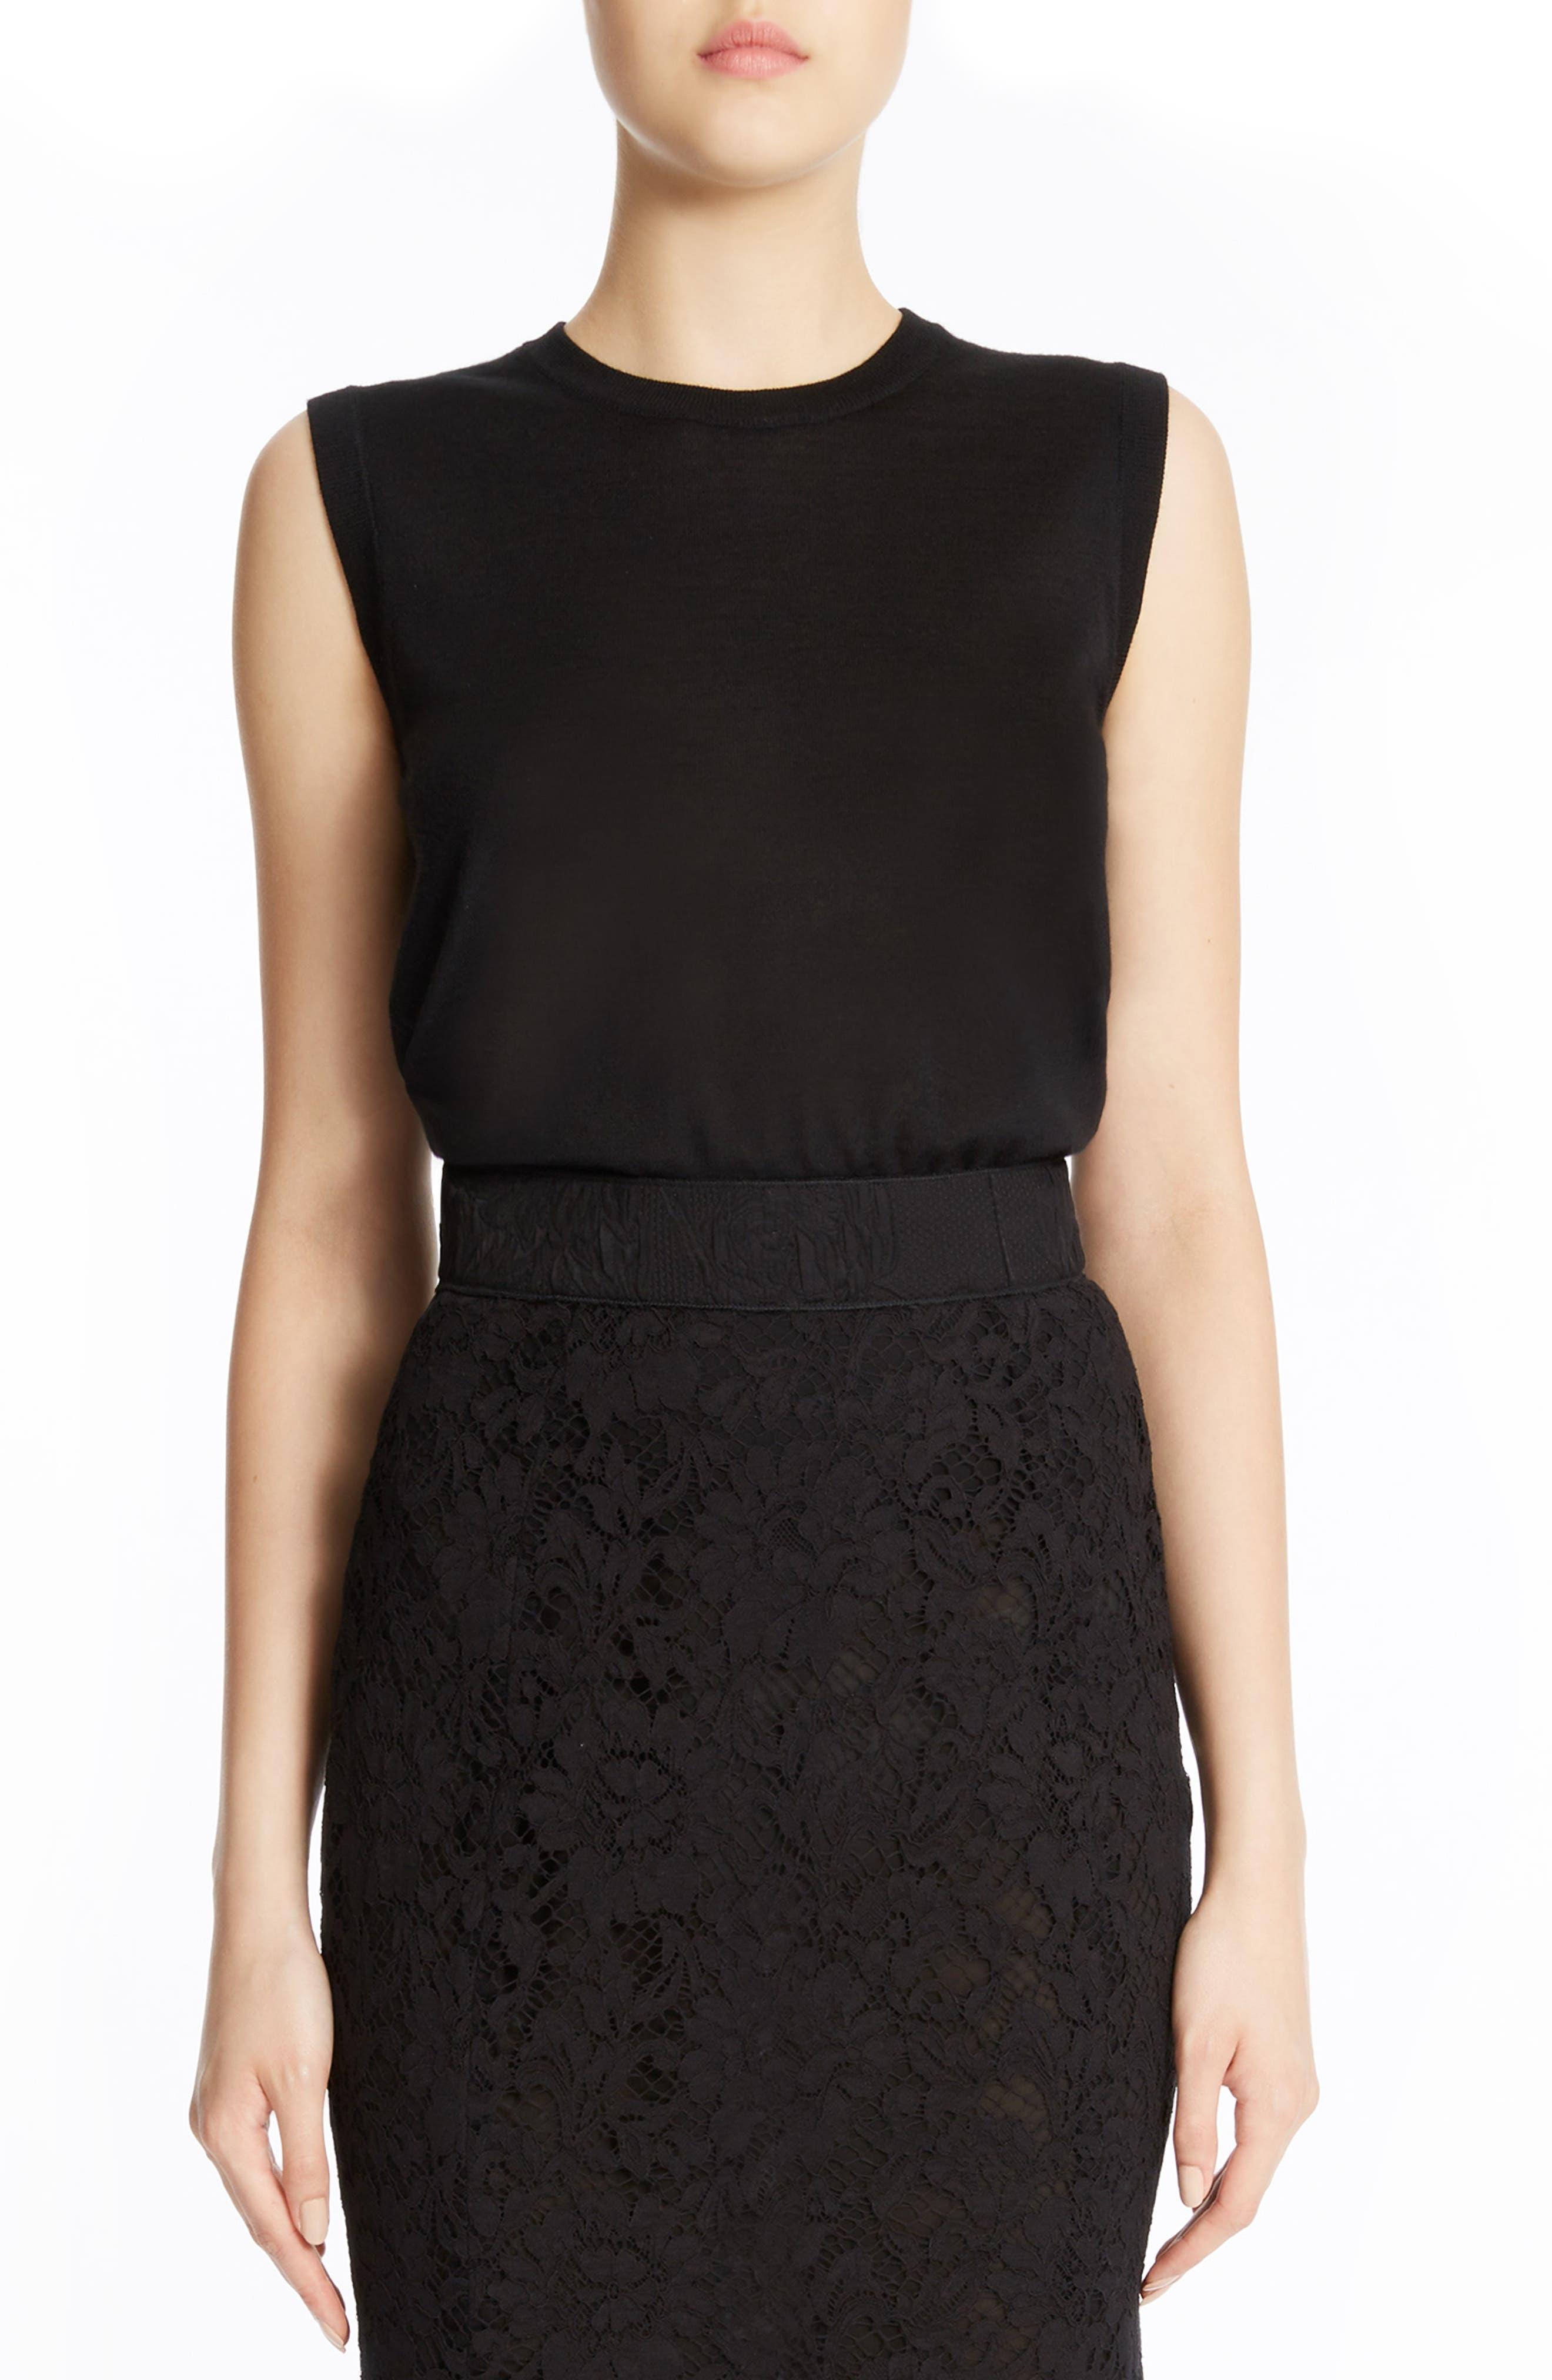 Dolce&Gabbana Cashmere & Silk Tank Top